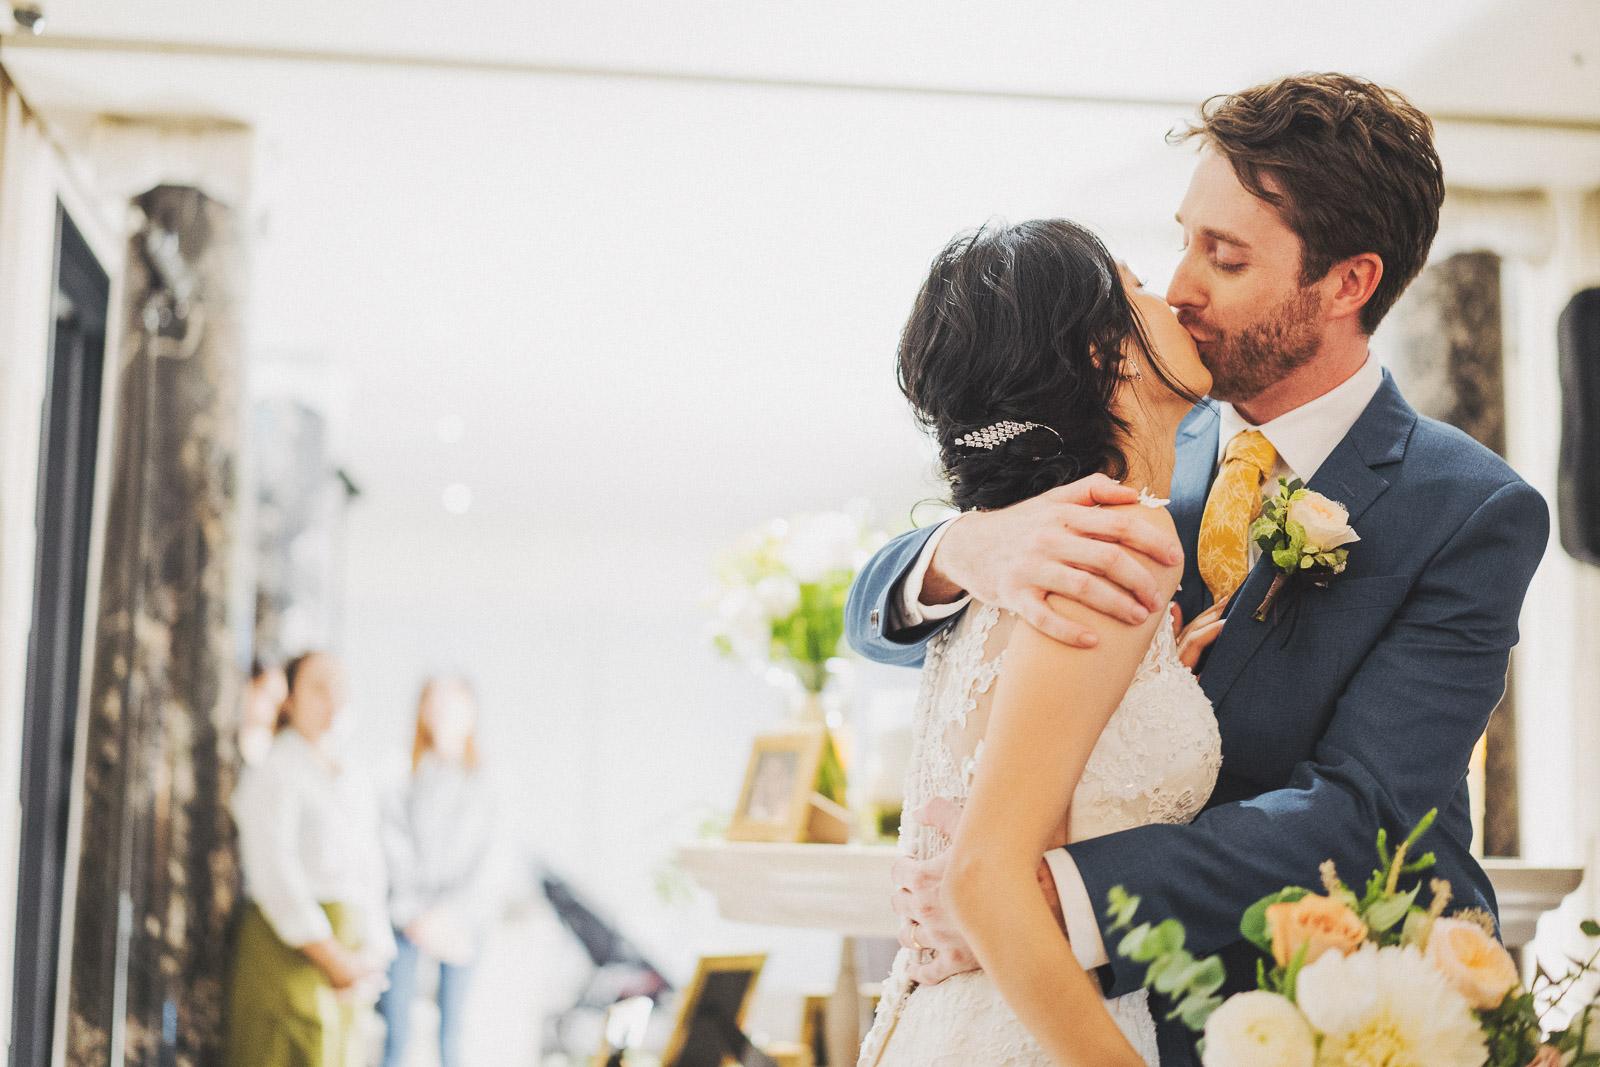 婚禮攝影師,美式婚禮攝影師